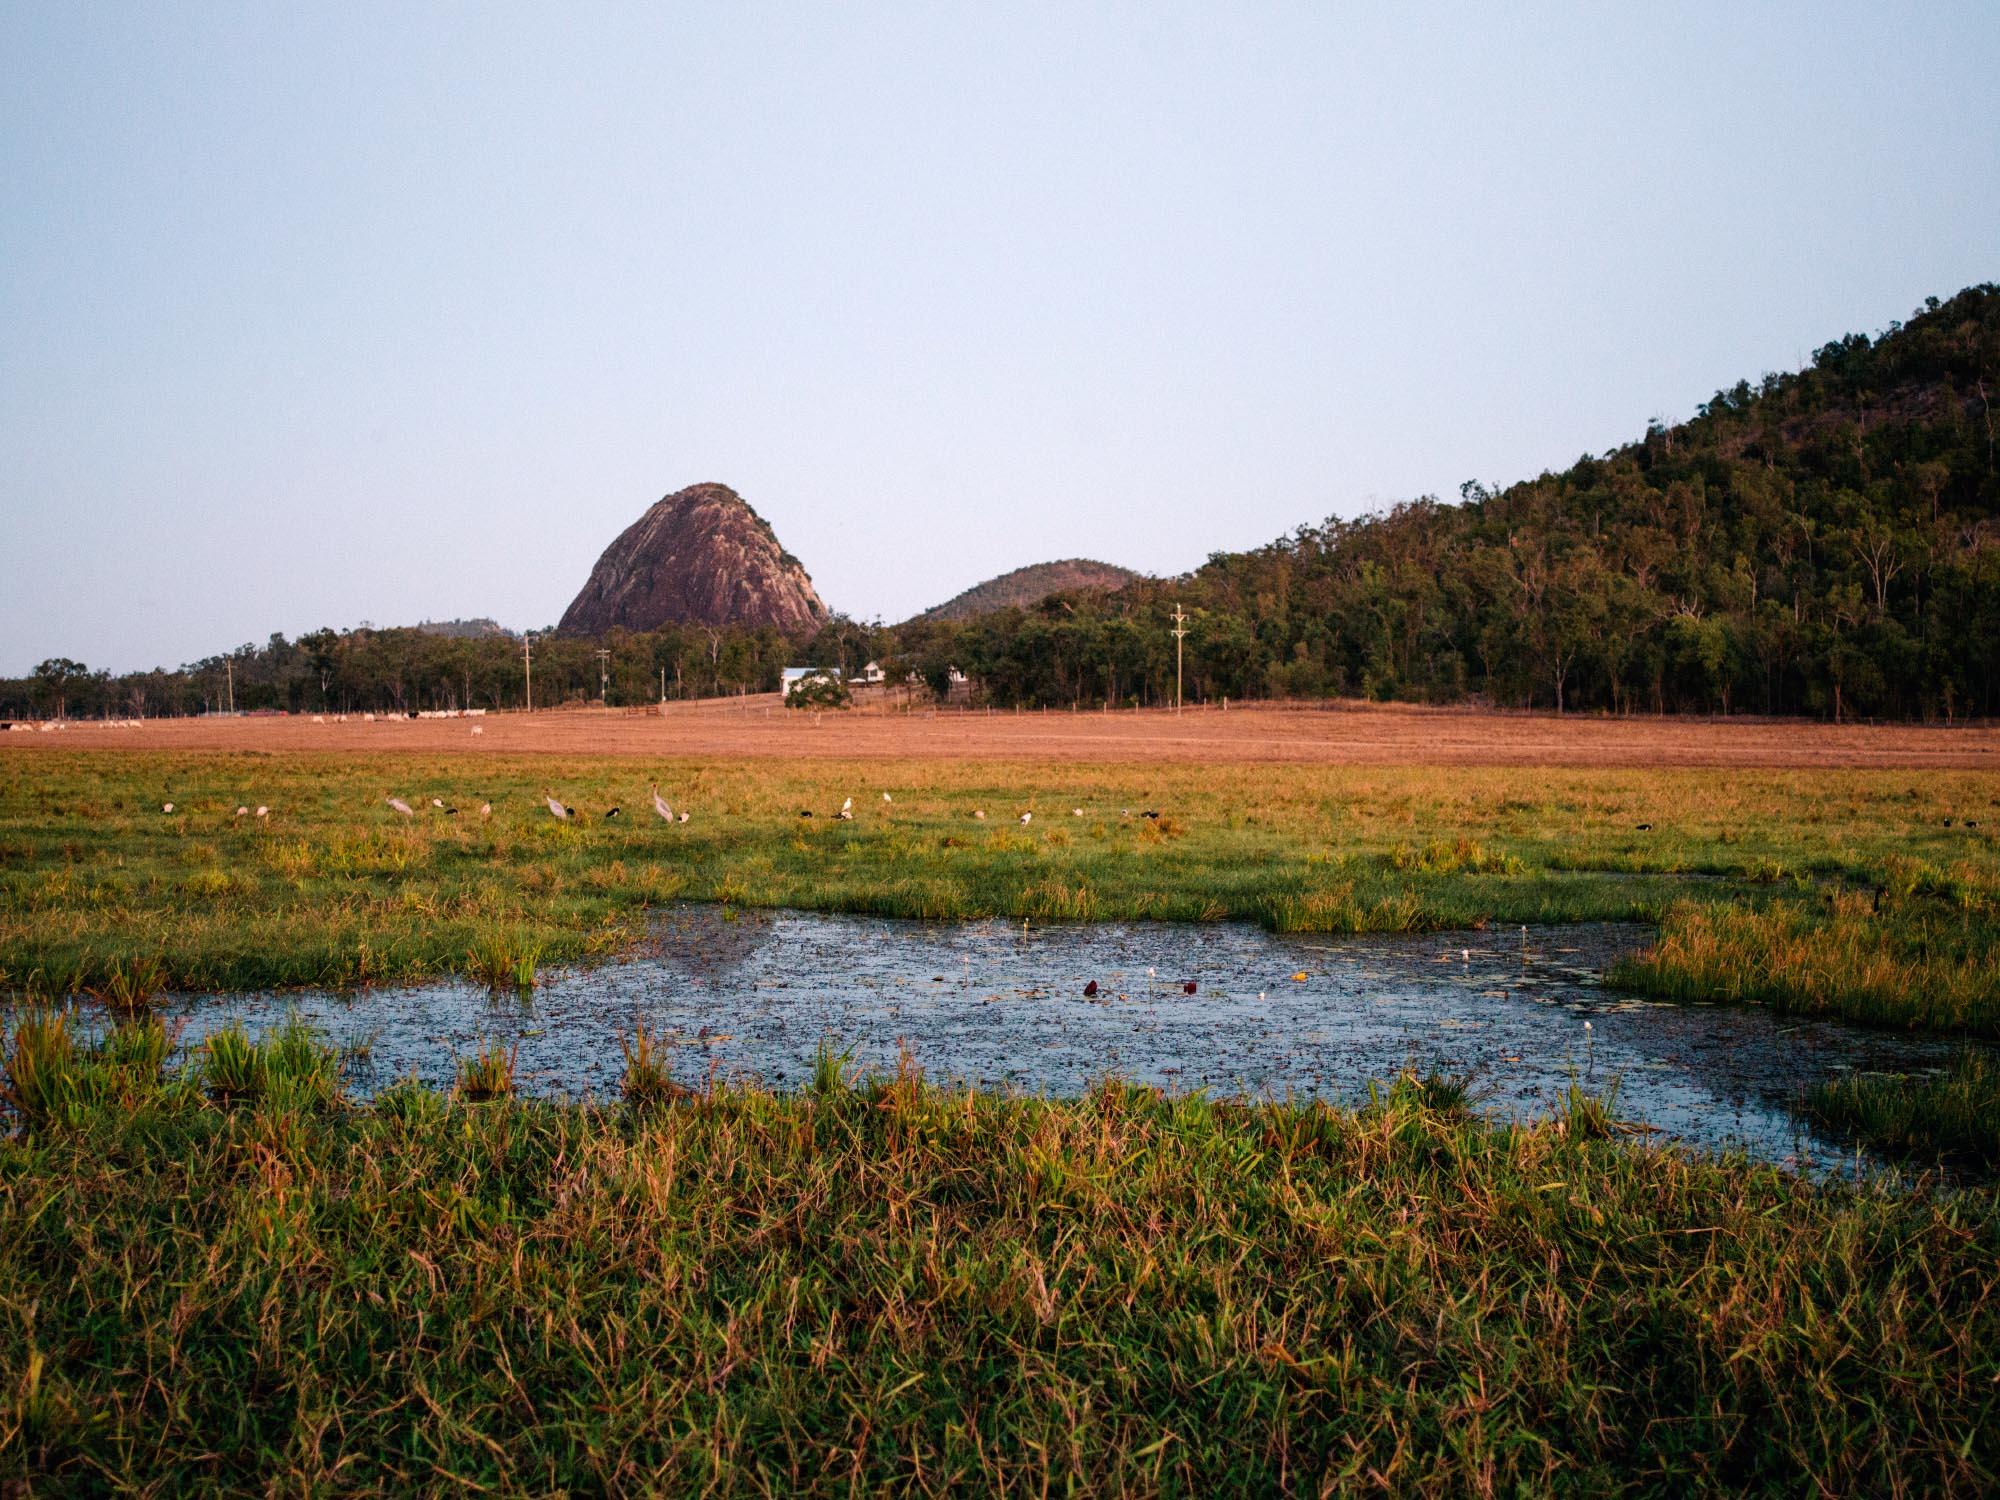 Rural area outside of Rockhampton, Australia.